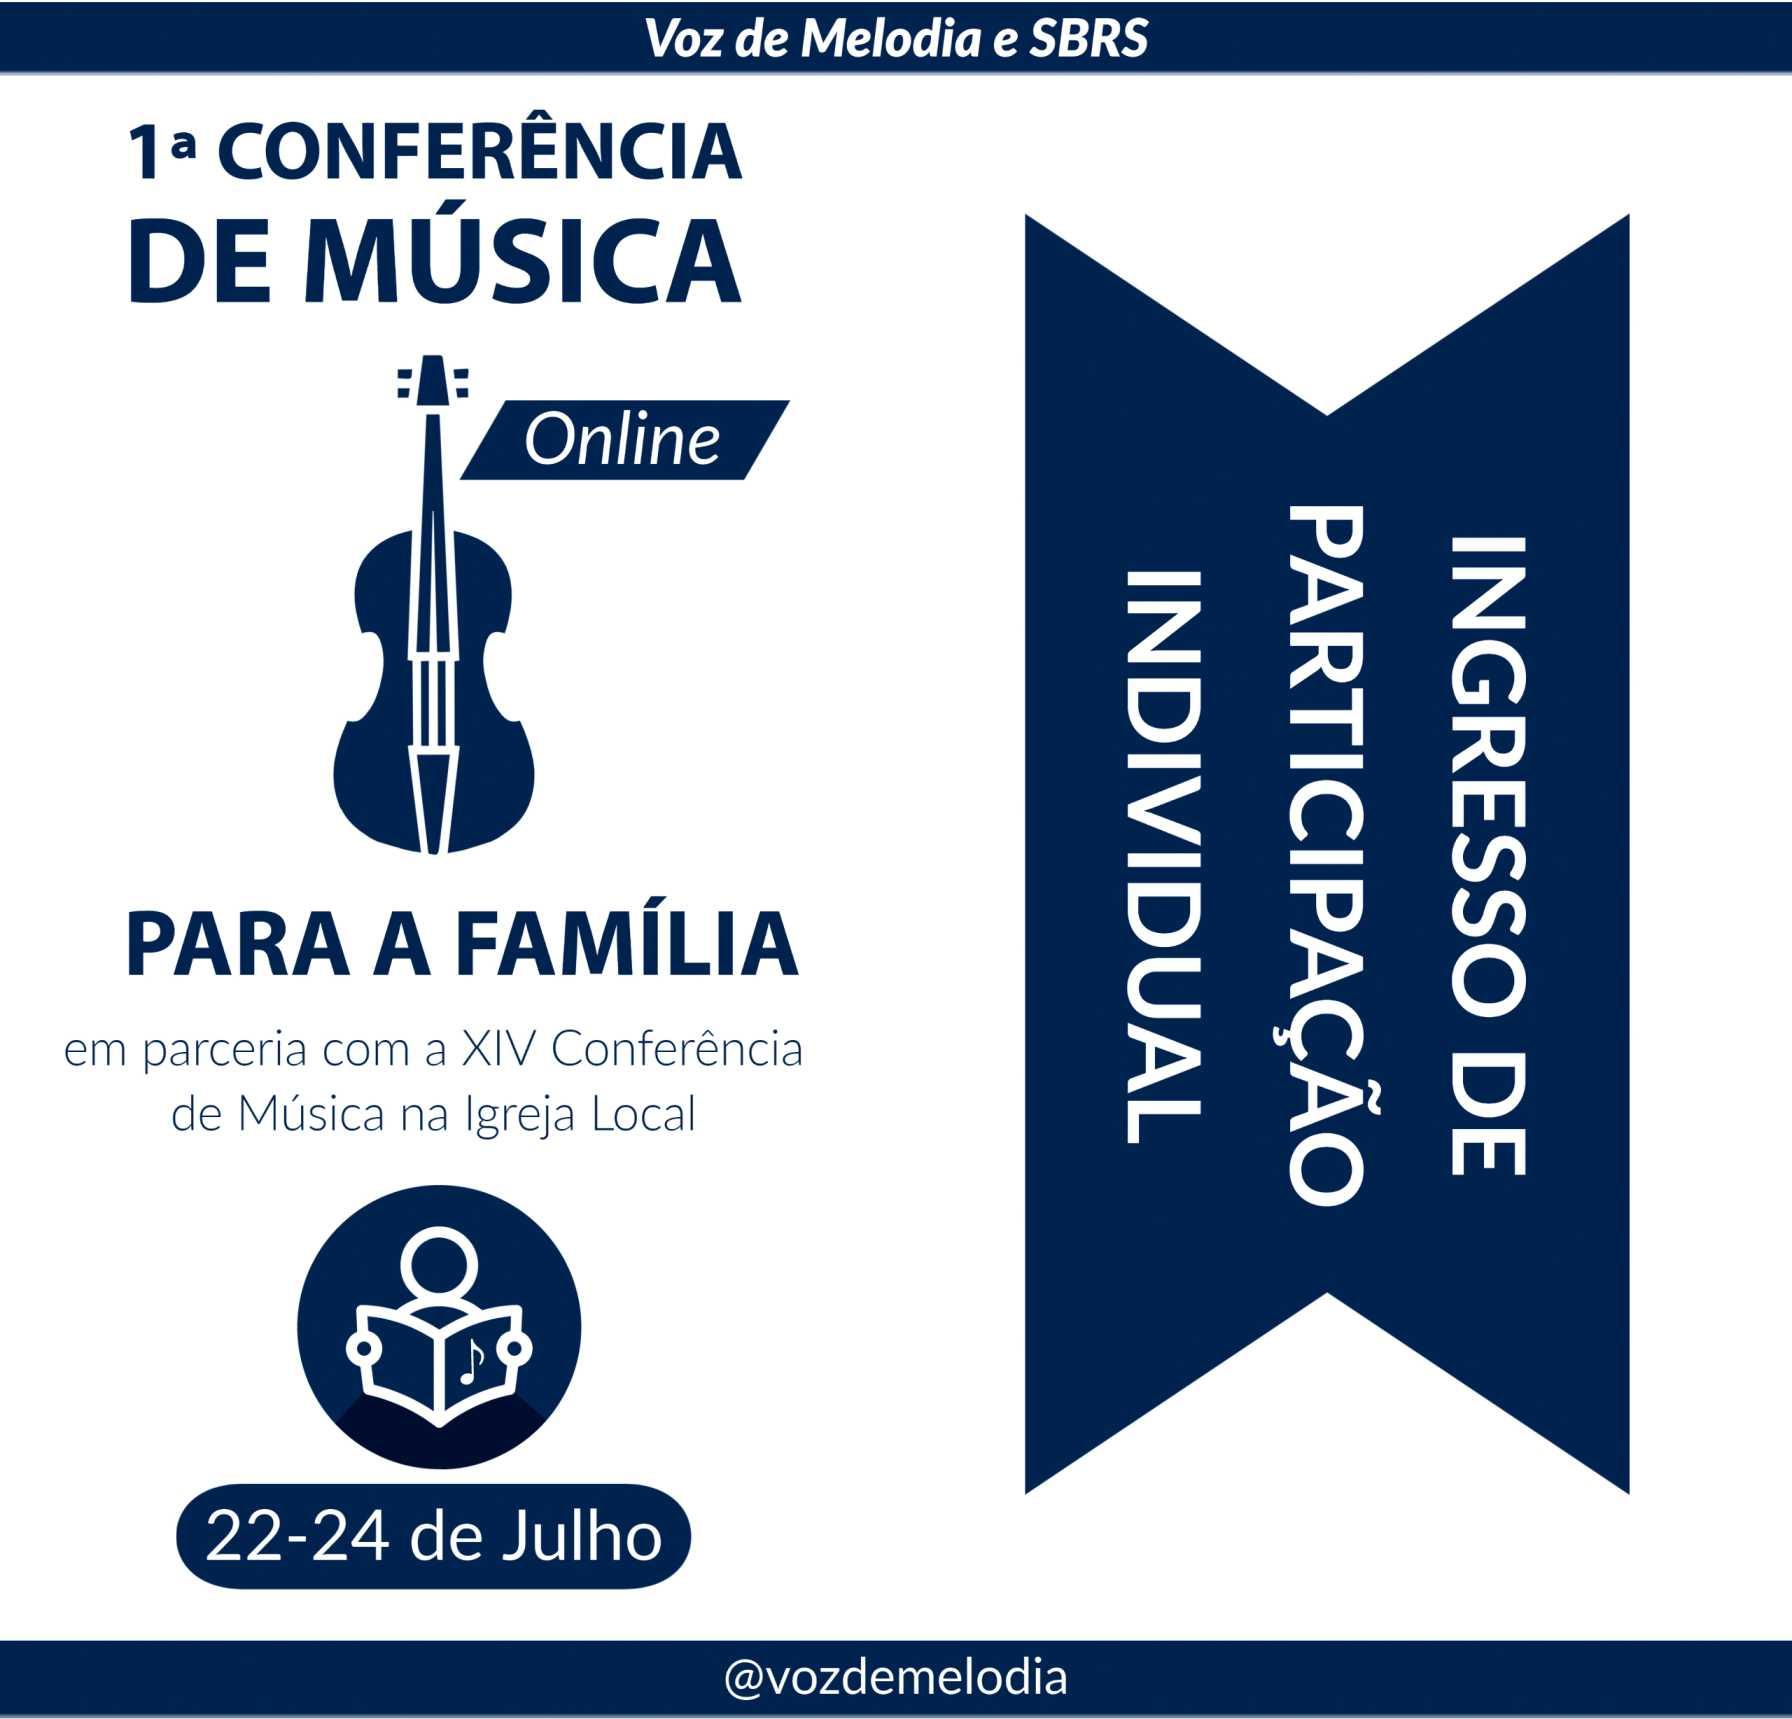 Pacote Família 2 - 2 Adultos e 3 Crianças - 1a Conferência de Música para a Família